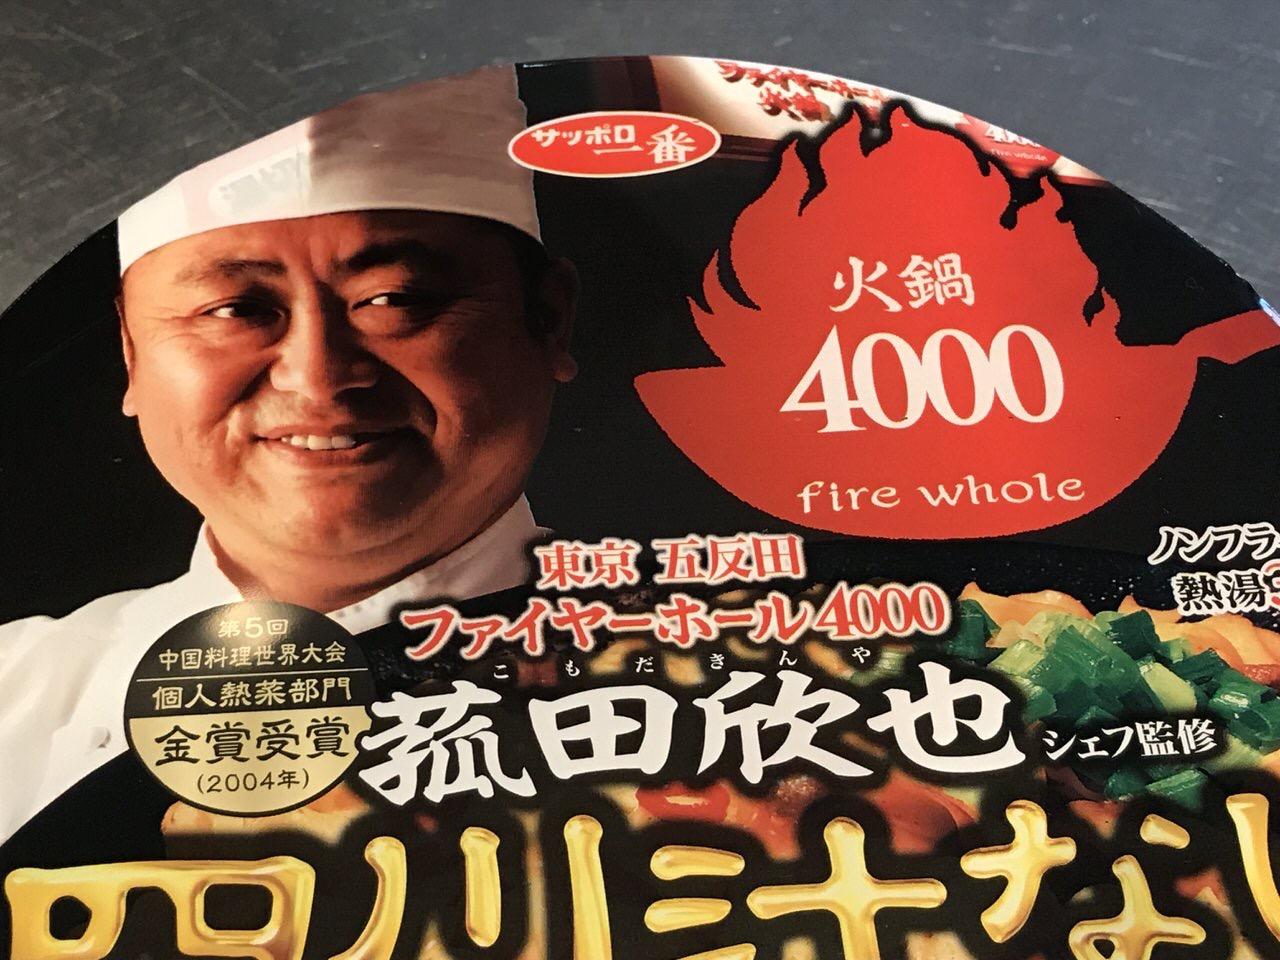 ファイヤーホール4000 菰田欣也シェフ監修 四川汁なし担担麺 02